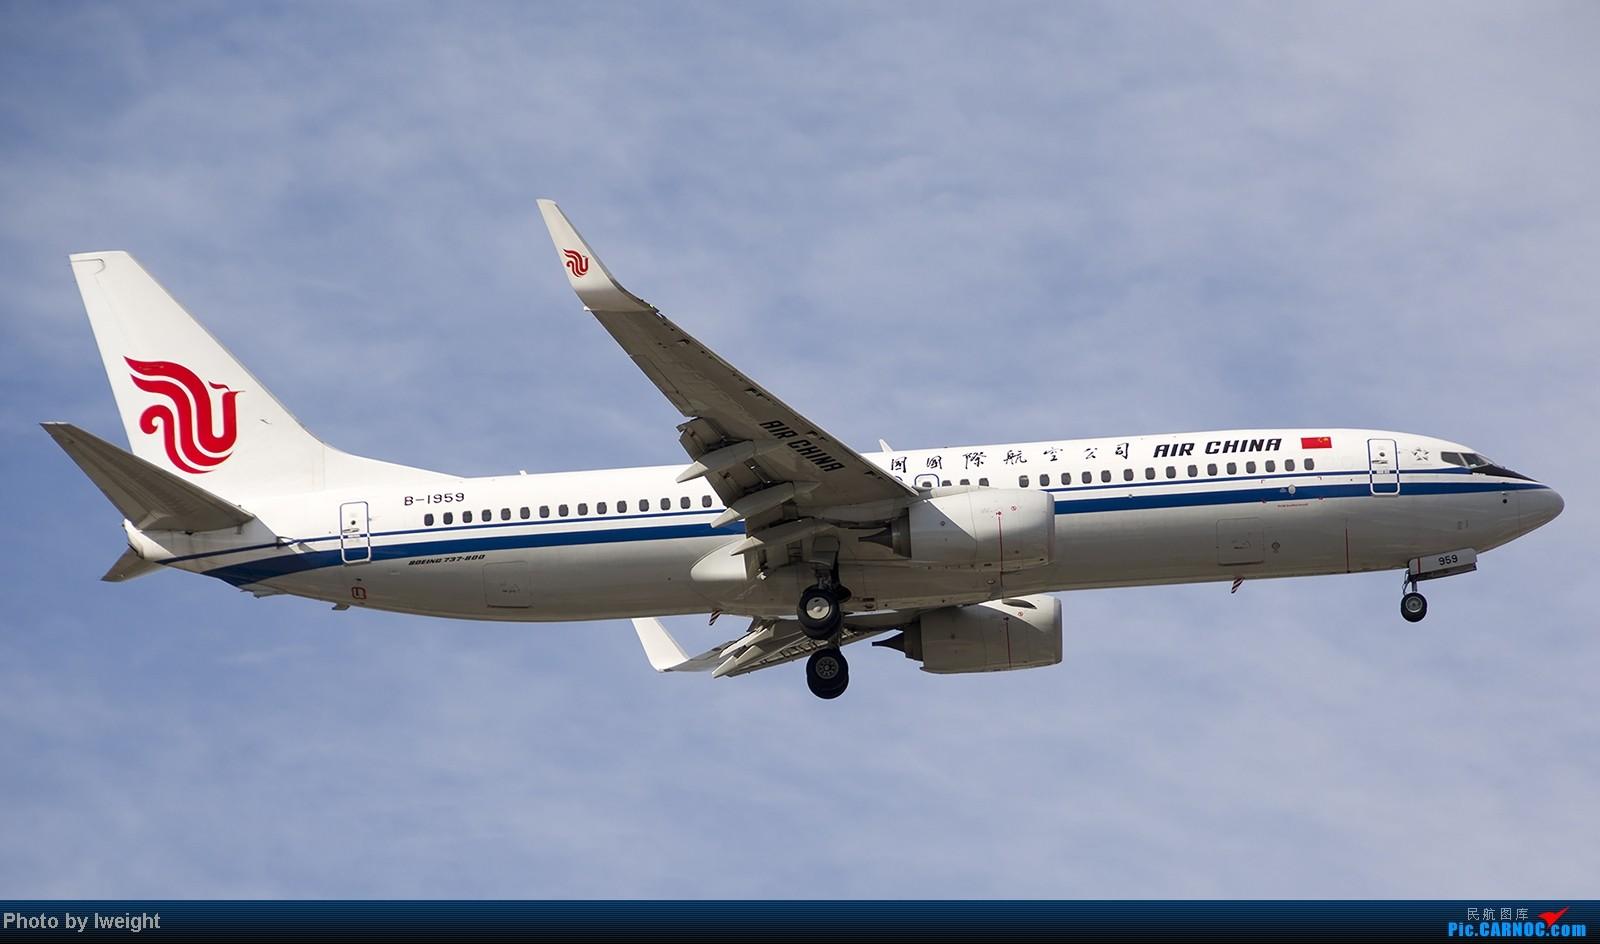 Re:[原创]终于盼来了晴天,PEK拍起【10月26日】 BOEING 737-800 B-1959 中国北京首都机场